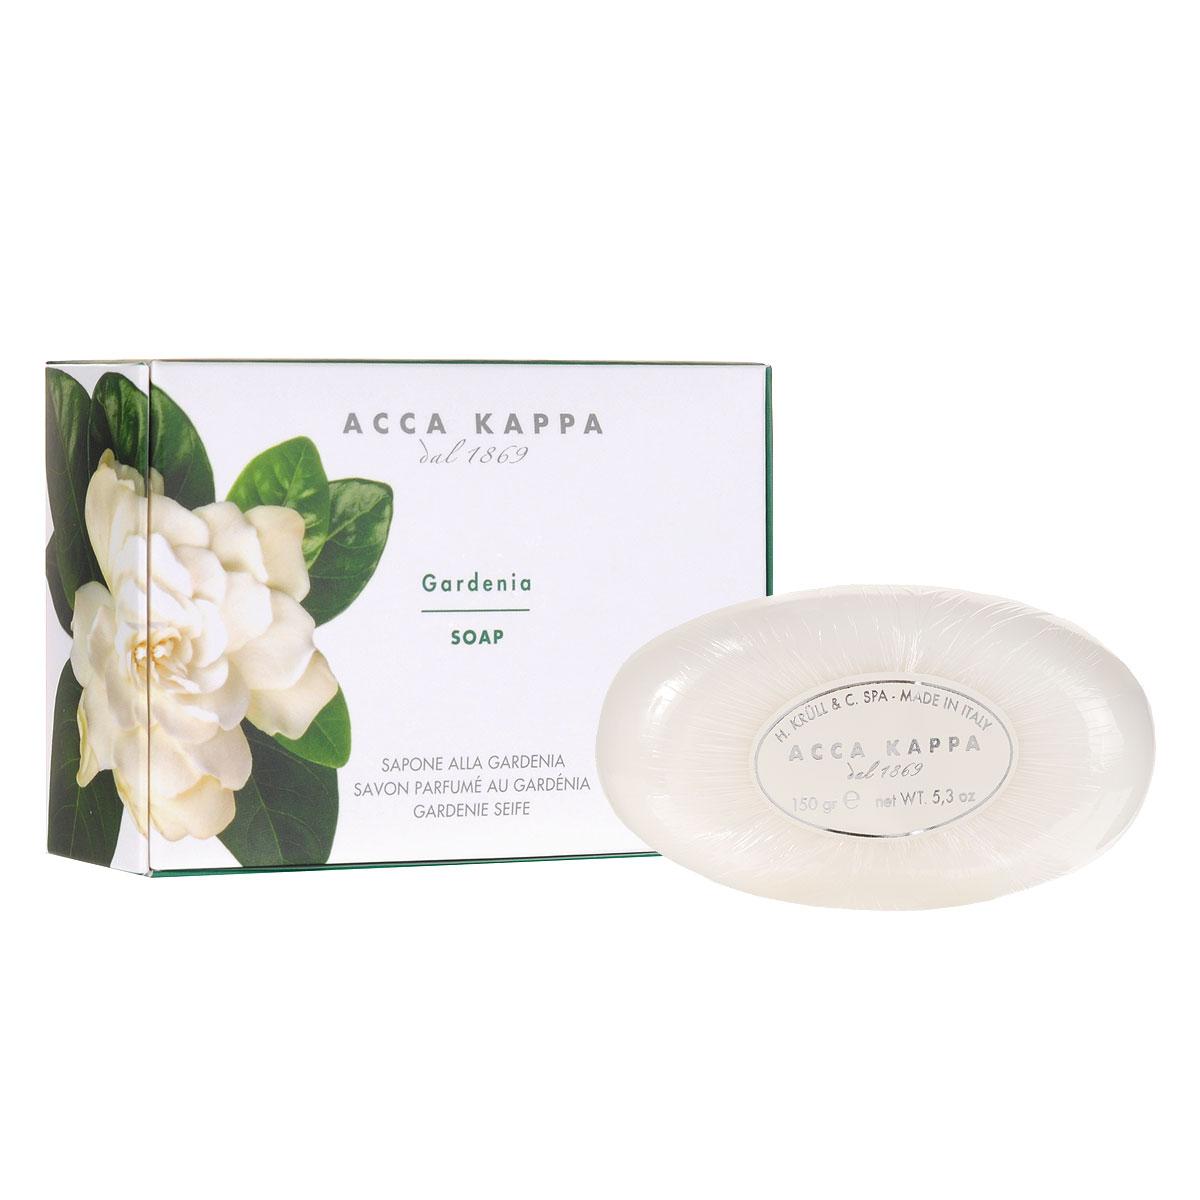 Acca Kappa Растительное мыло Гардения, 150 г853370Растительное мыло Гардения деликатно очищает кожу. Идеально подходит для всех типов кожи. Растительные компоненты получены из кокосового масла и сахарного тростника, прекрасно очищают и увлажняют кожу. Экстракты мелиссы лимонной, омелы, ромашки, тысячелистника и хмеля известны своими противовоспалительными свойствами и превосходно дополняют формулу. Так же мыло обогащено аллантоином растительного происхождения, которое обладает заживляющими свойствами и способствует регенерации клеток.Товар сертифицирован.